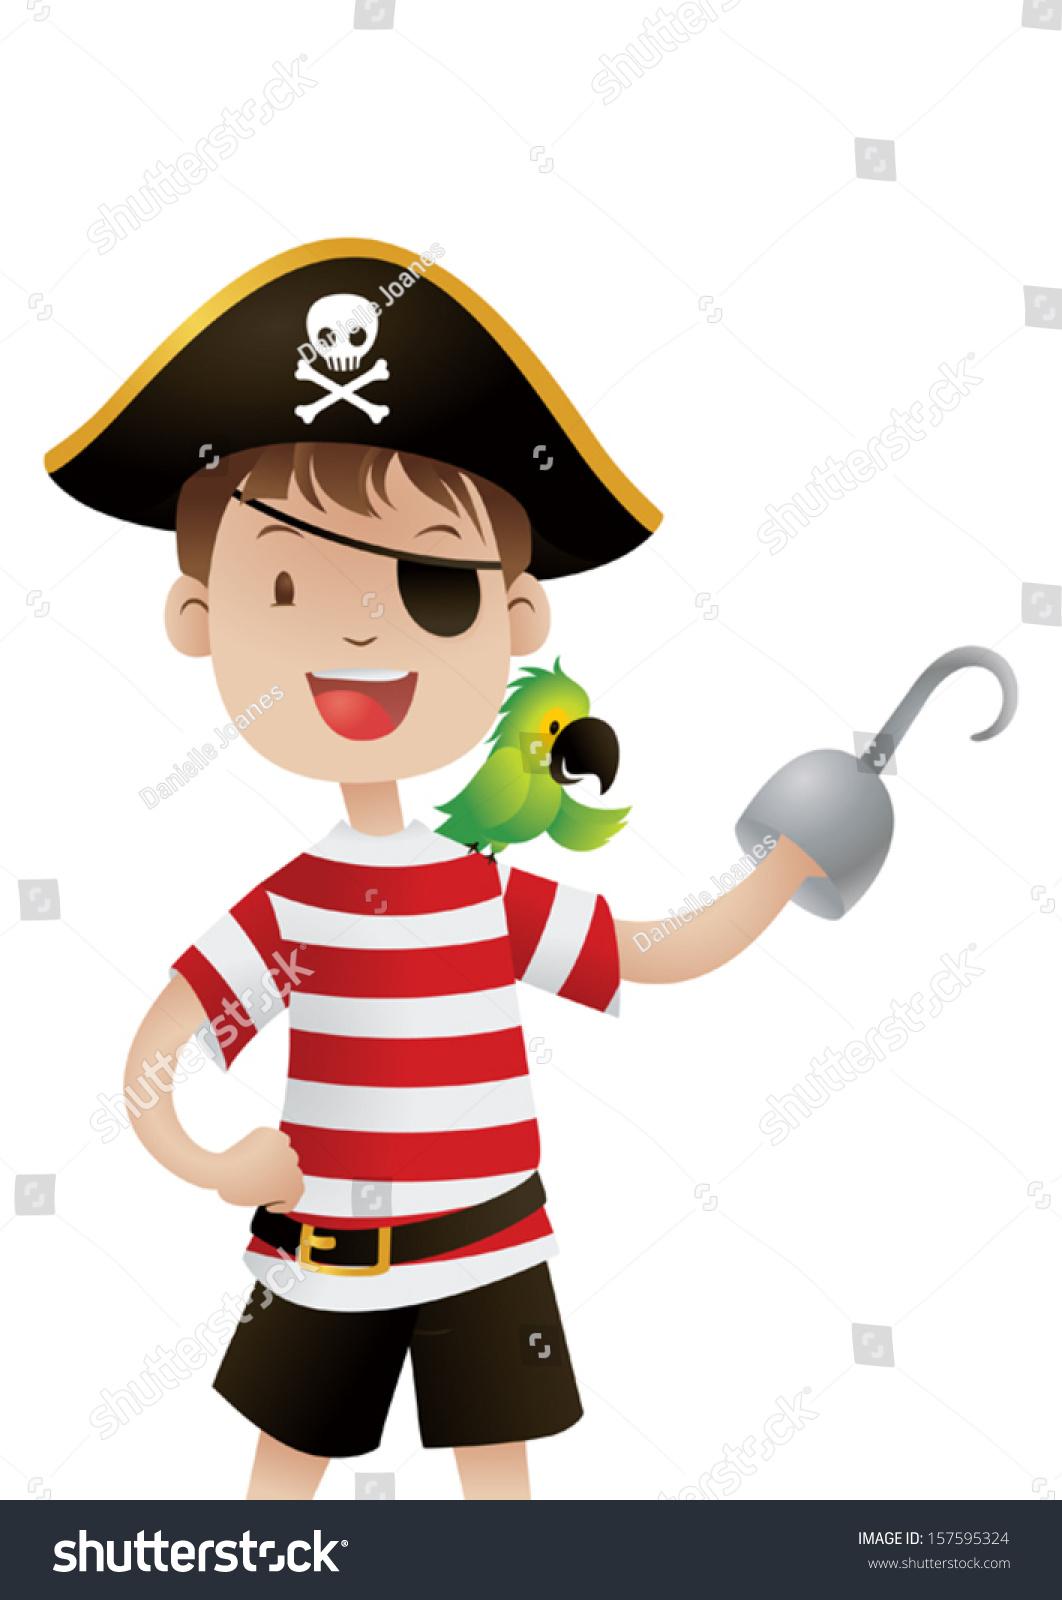 可爱的海盗-人物-海洛创意(hellorf)-shutterstock-.